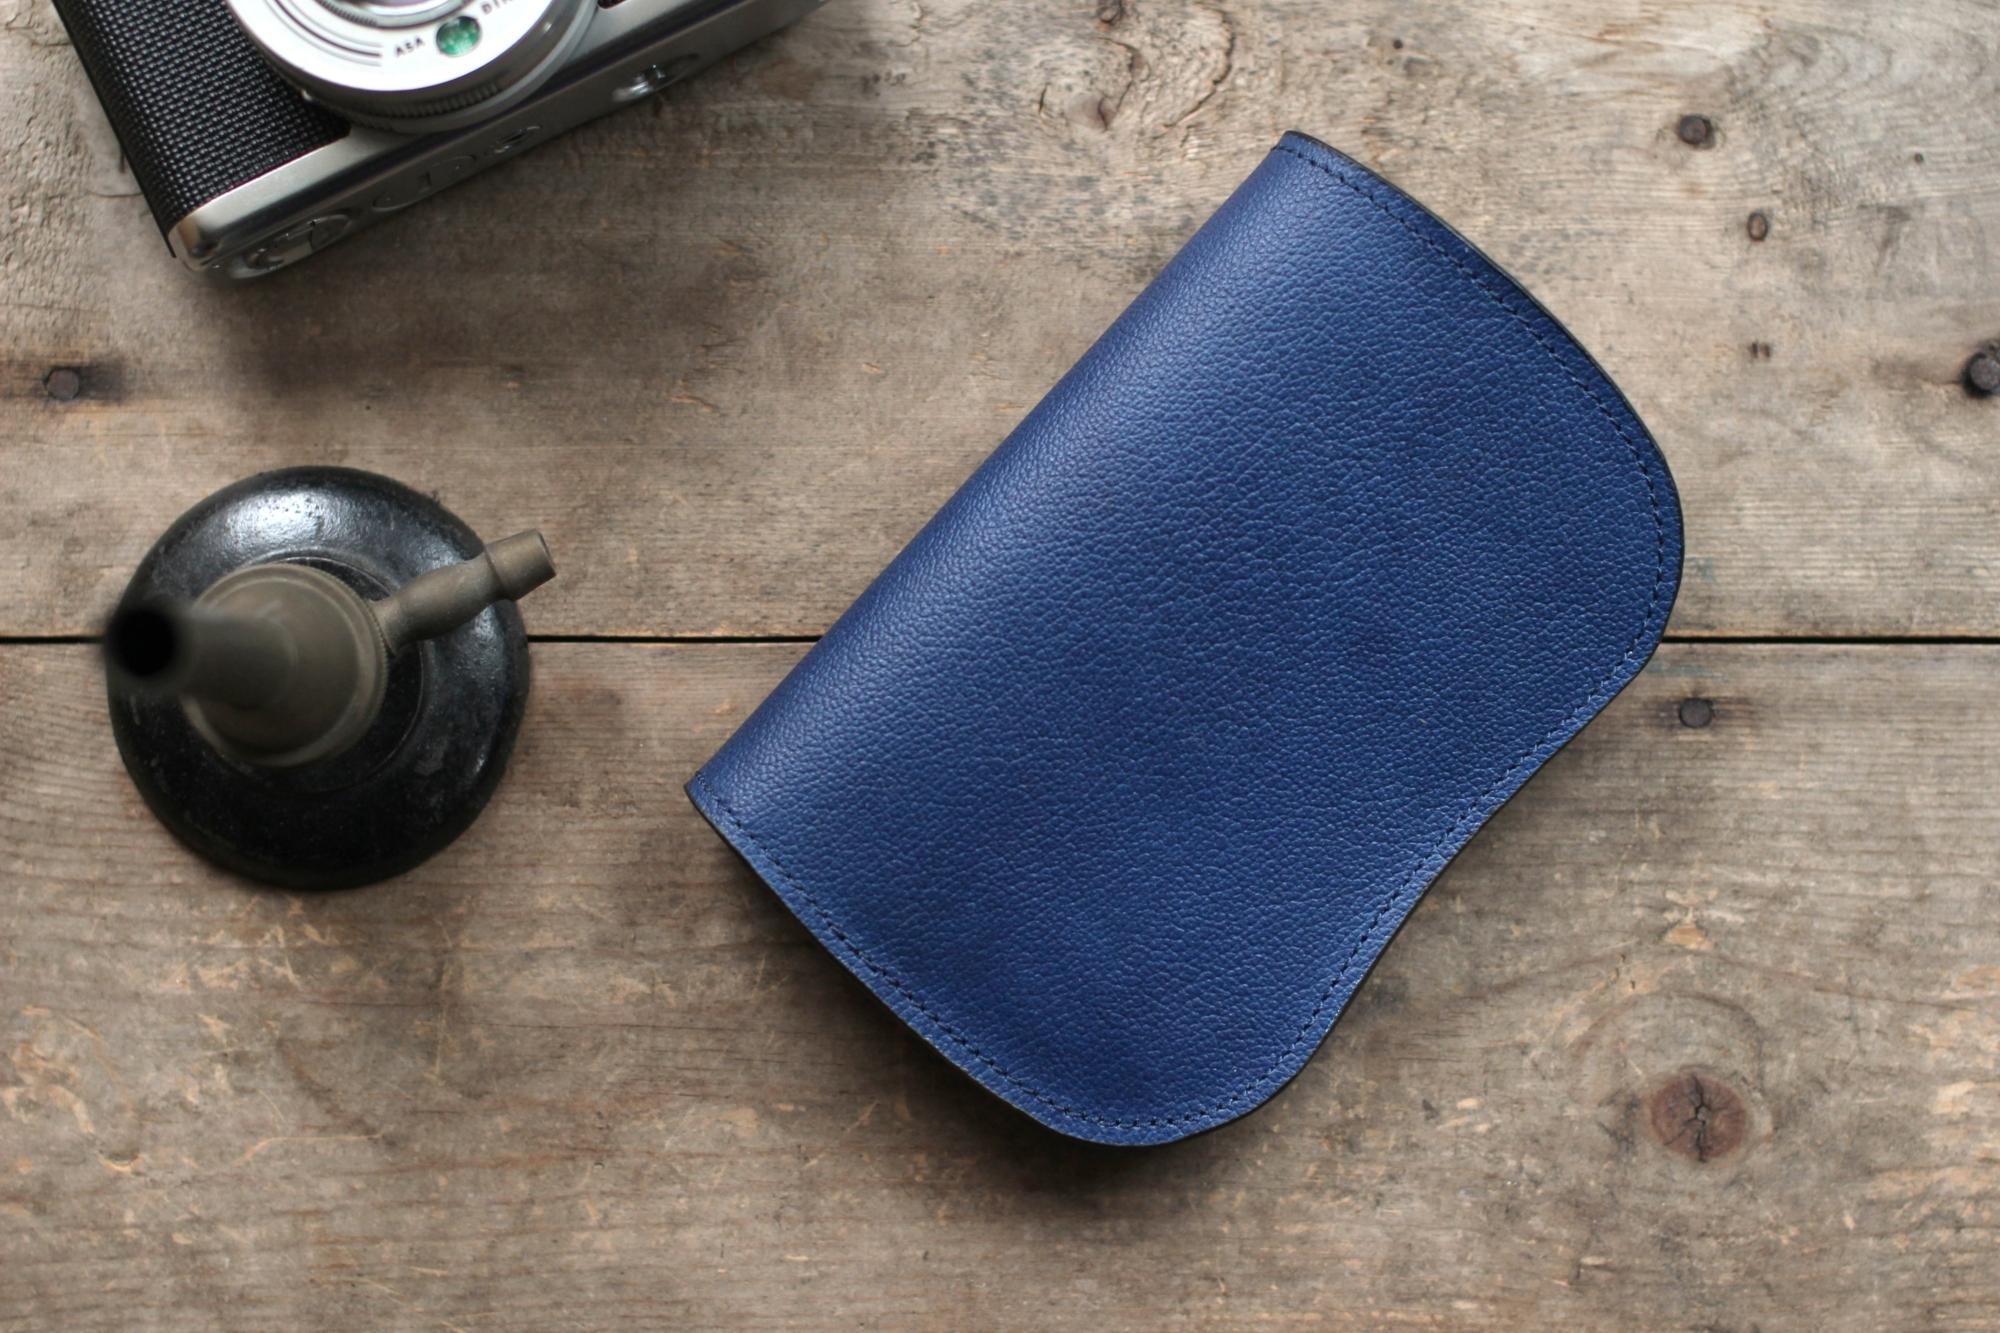 藍染革[shiboai] 二つ折り財布